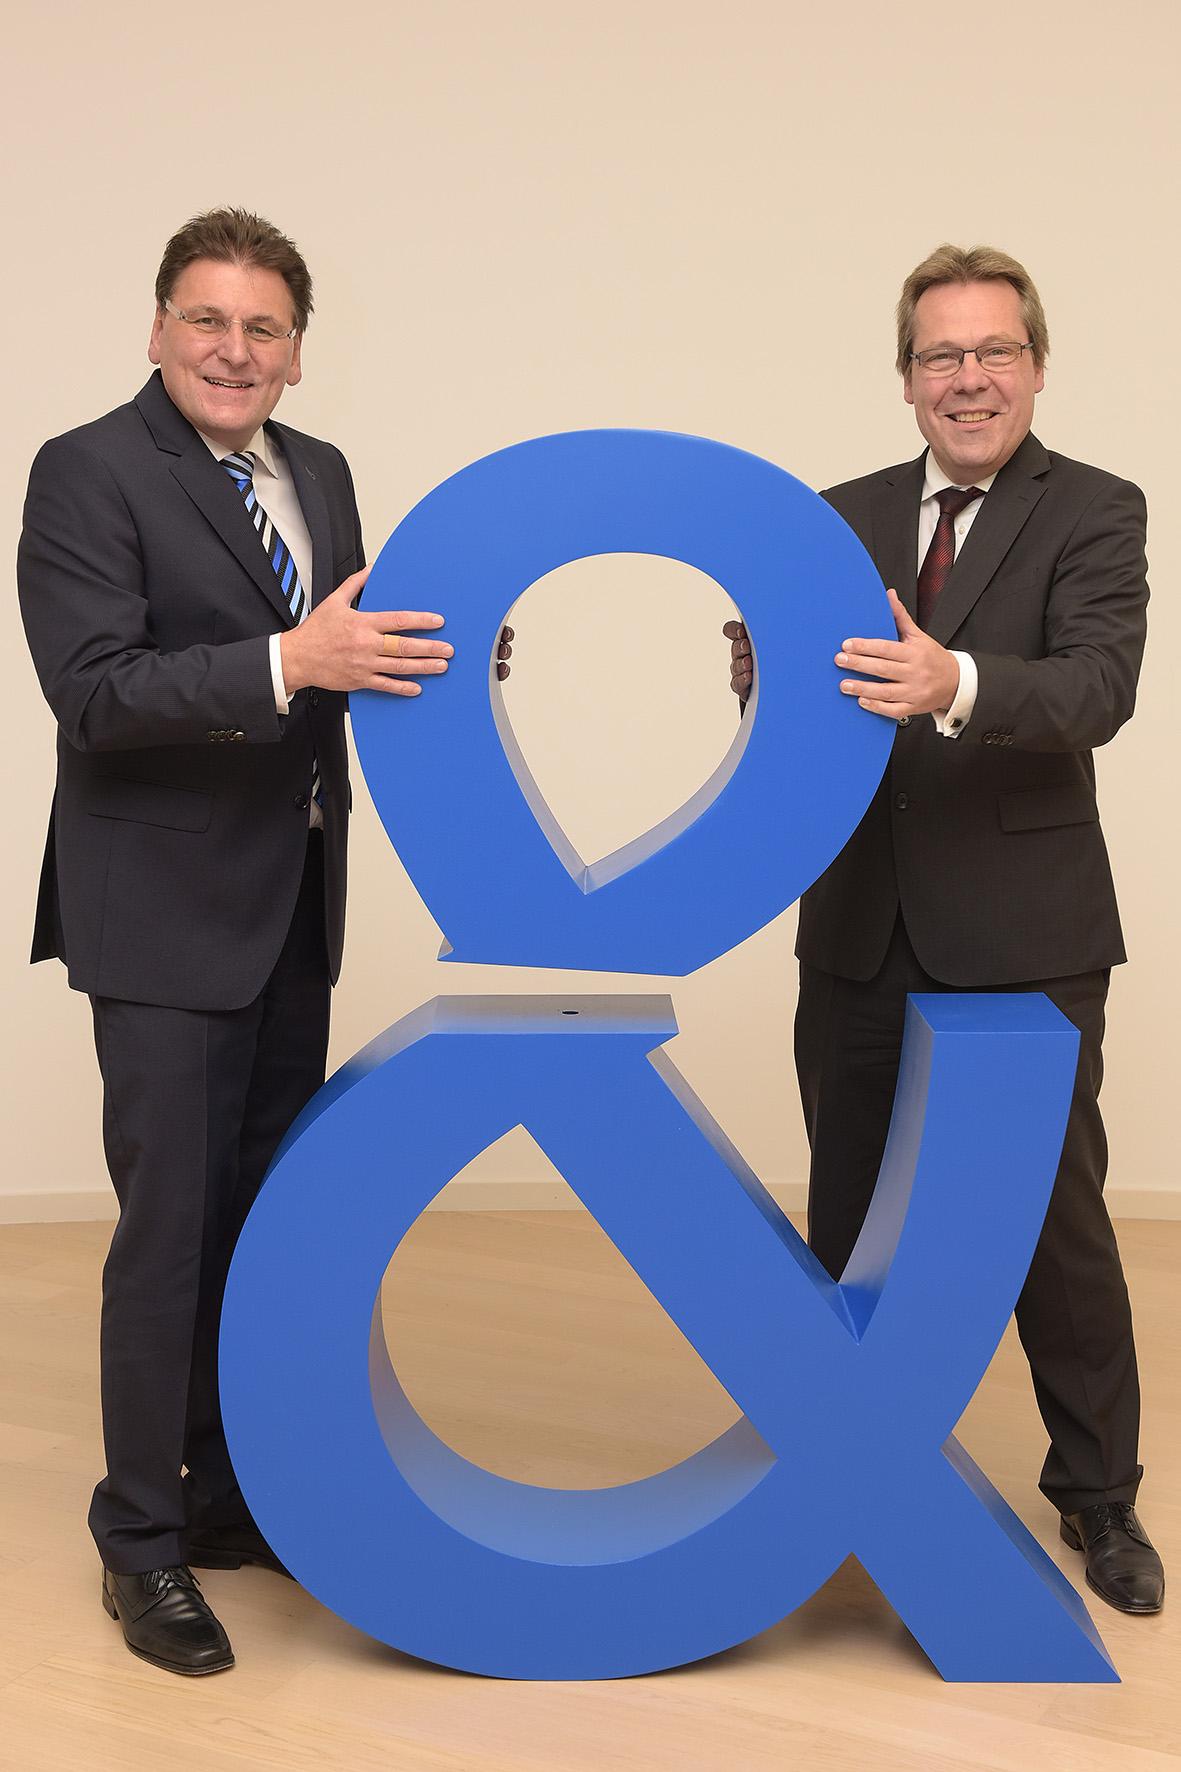 Klaus-Peter Bruns und Claus-Dieter Toben feiern Fusion von Fiducia und Gad. (Bild: Fiducia & Gad IT)